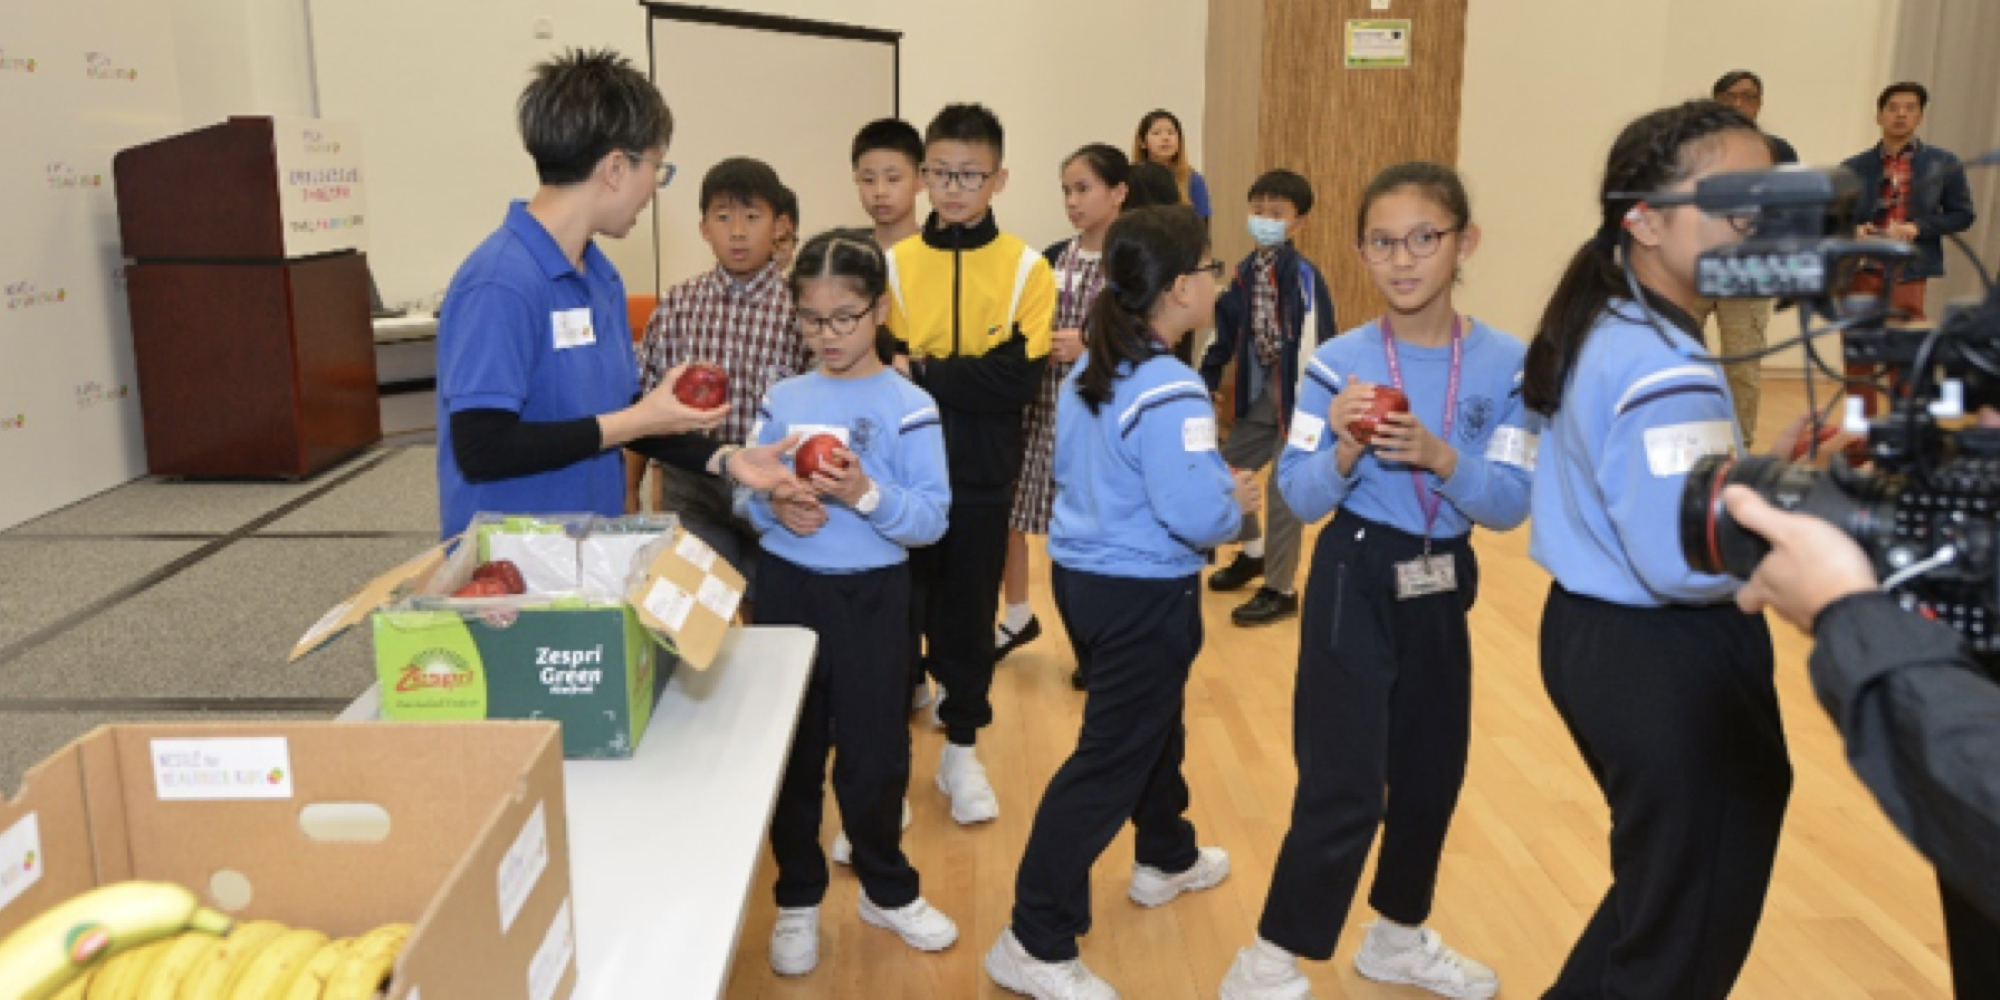 The Nestlé Healthier Kids Programme Launch